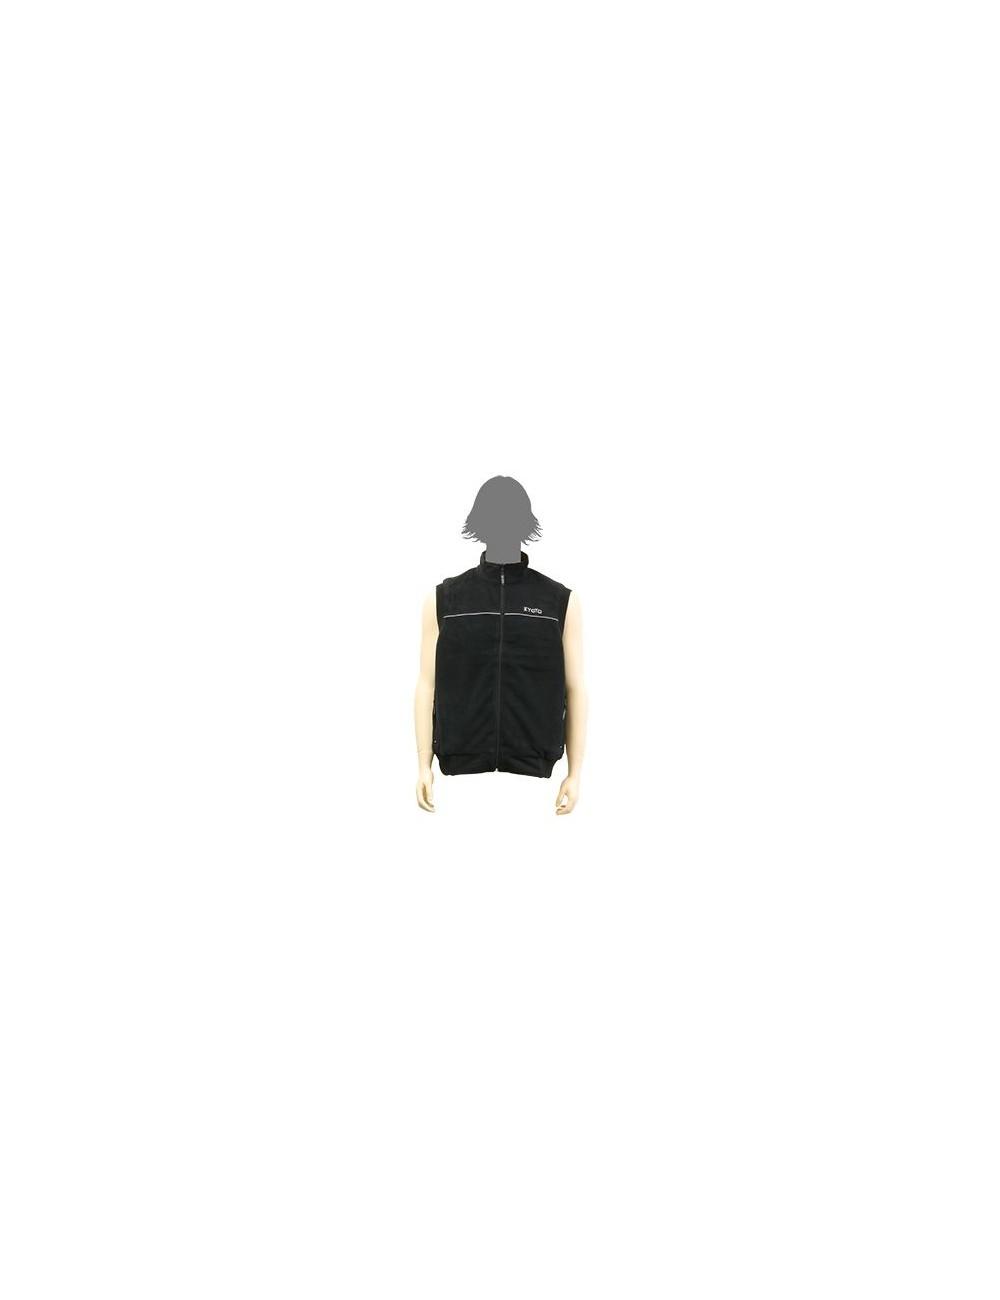 Veste Polaire Kyoto Veste Polaire 4 Femme Taille S Protection Froid sans Manche 100% Polyester Noire